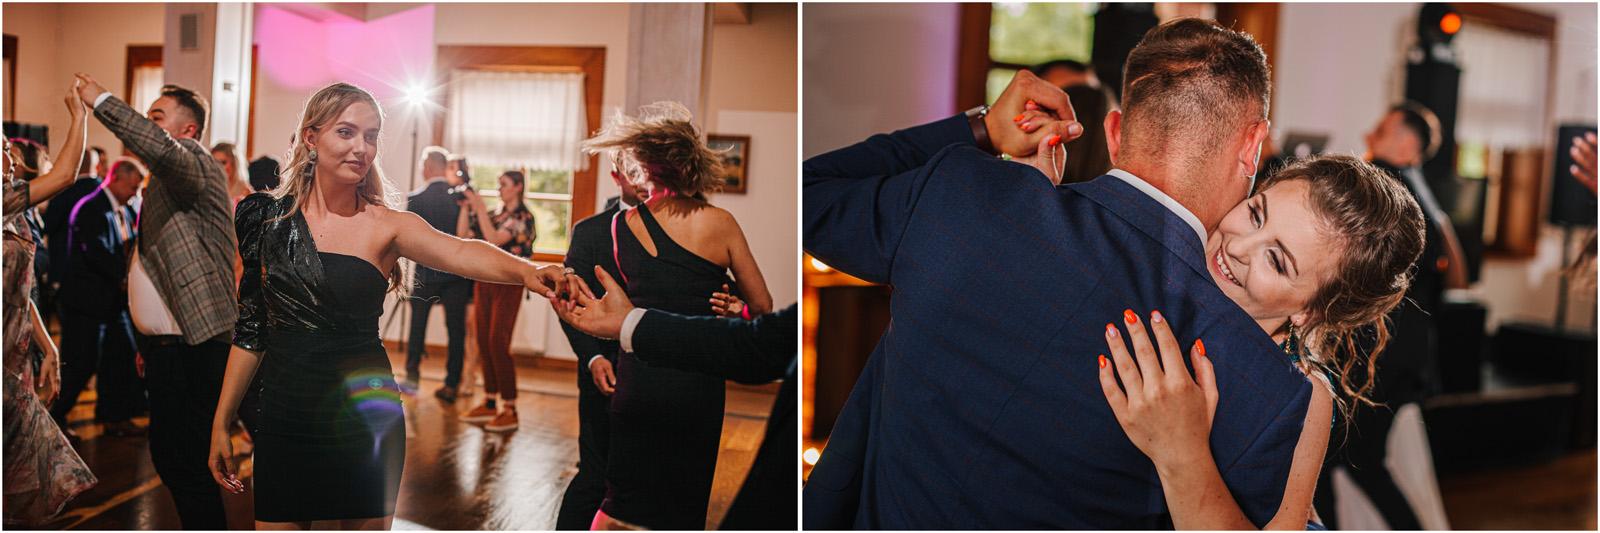 Kasia & Damian   ślub plenerowy w Kuźni Smaków i sesja w skansenie 73